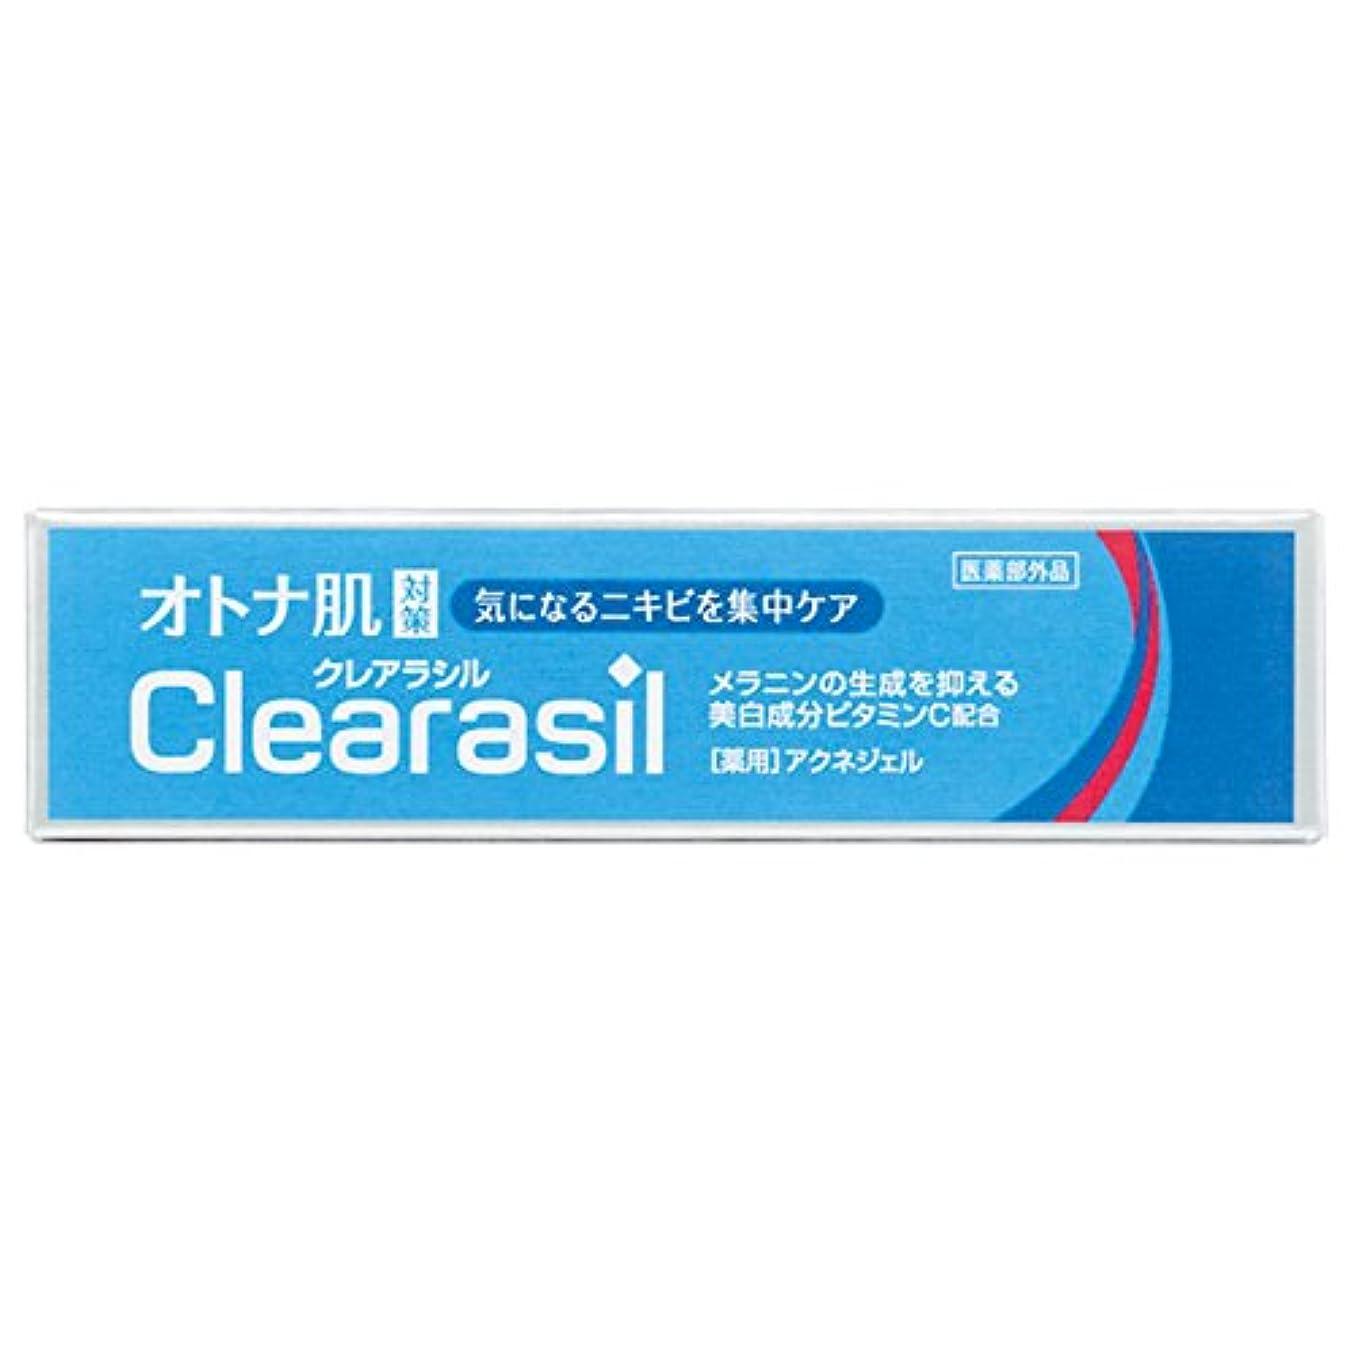 版日曜日覆す【医薬部外品】クレアラシル オトナ肌対策 14G